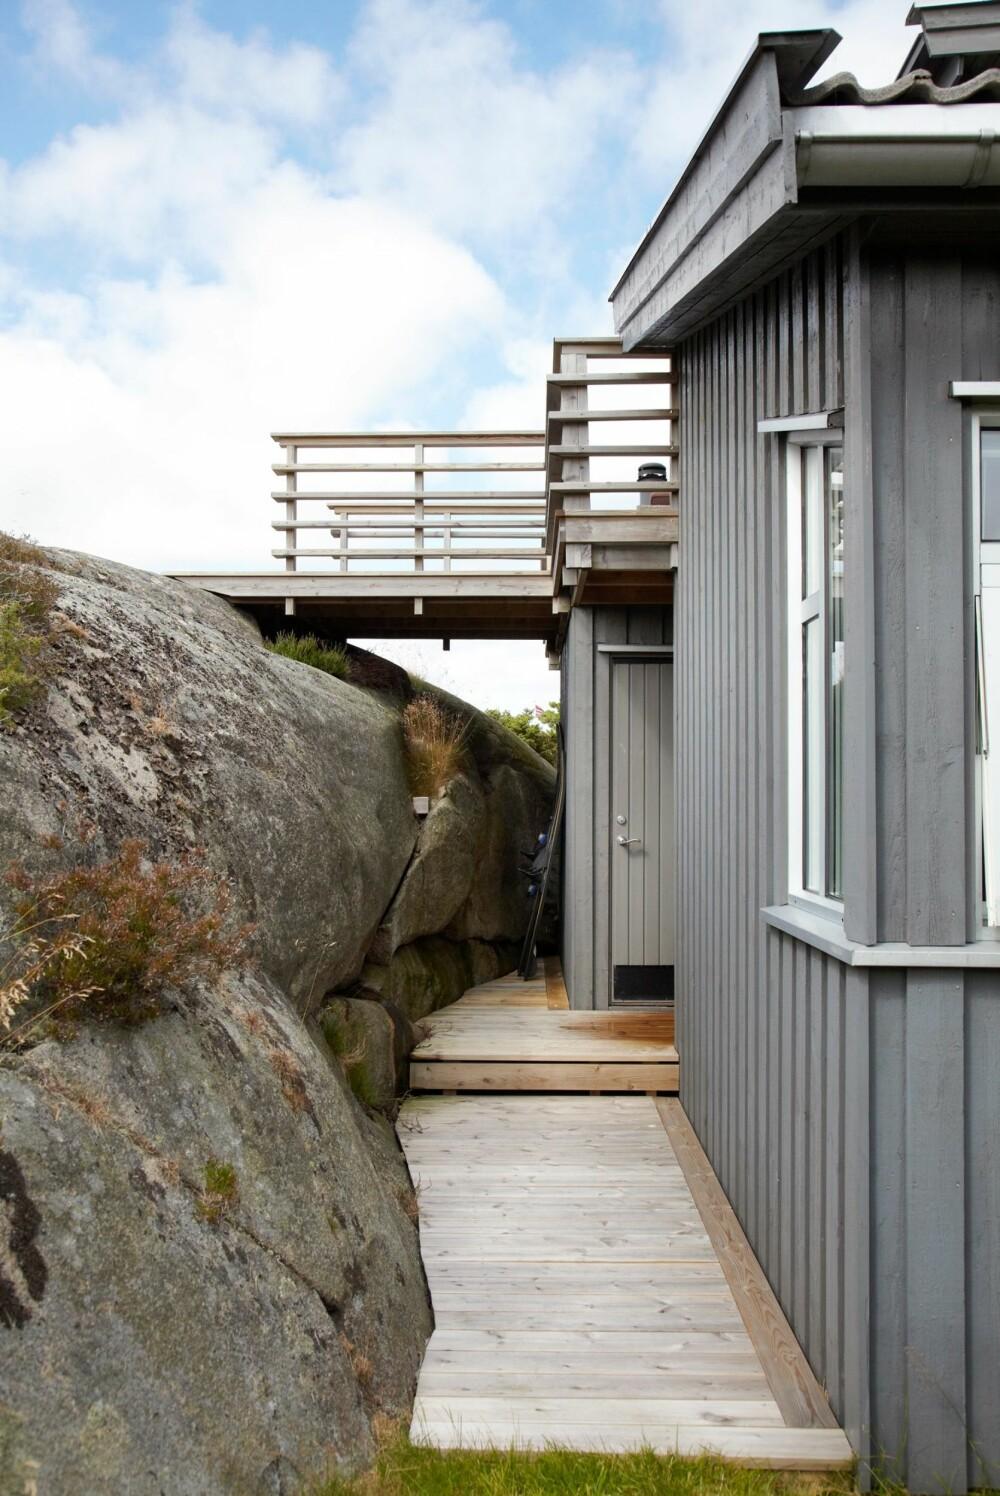 SMART OMBYGGING: Hytta ligger skjermet til i en kløft mellom en fjellside og en steinrøys. Byggeår: 1950/1987/2007. Størrelse: 73 m². Arkitekt: Tom Richard Kristiansen, Link Arkitektur.